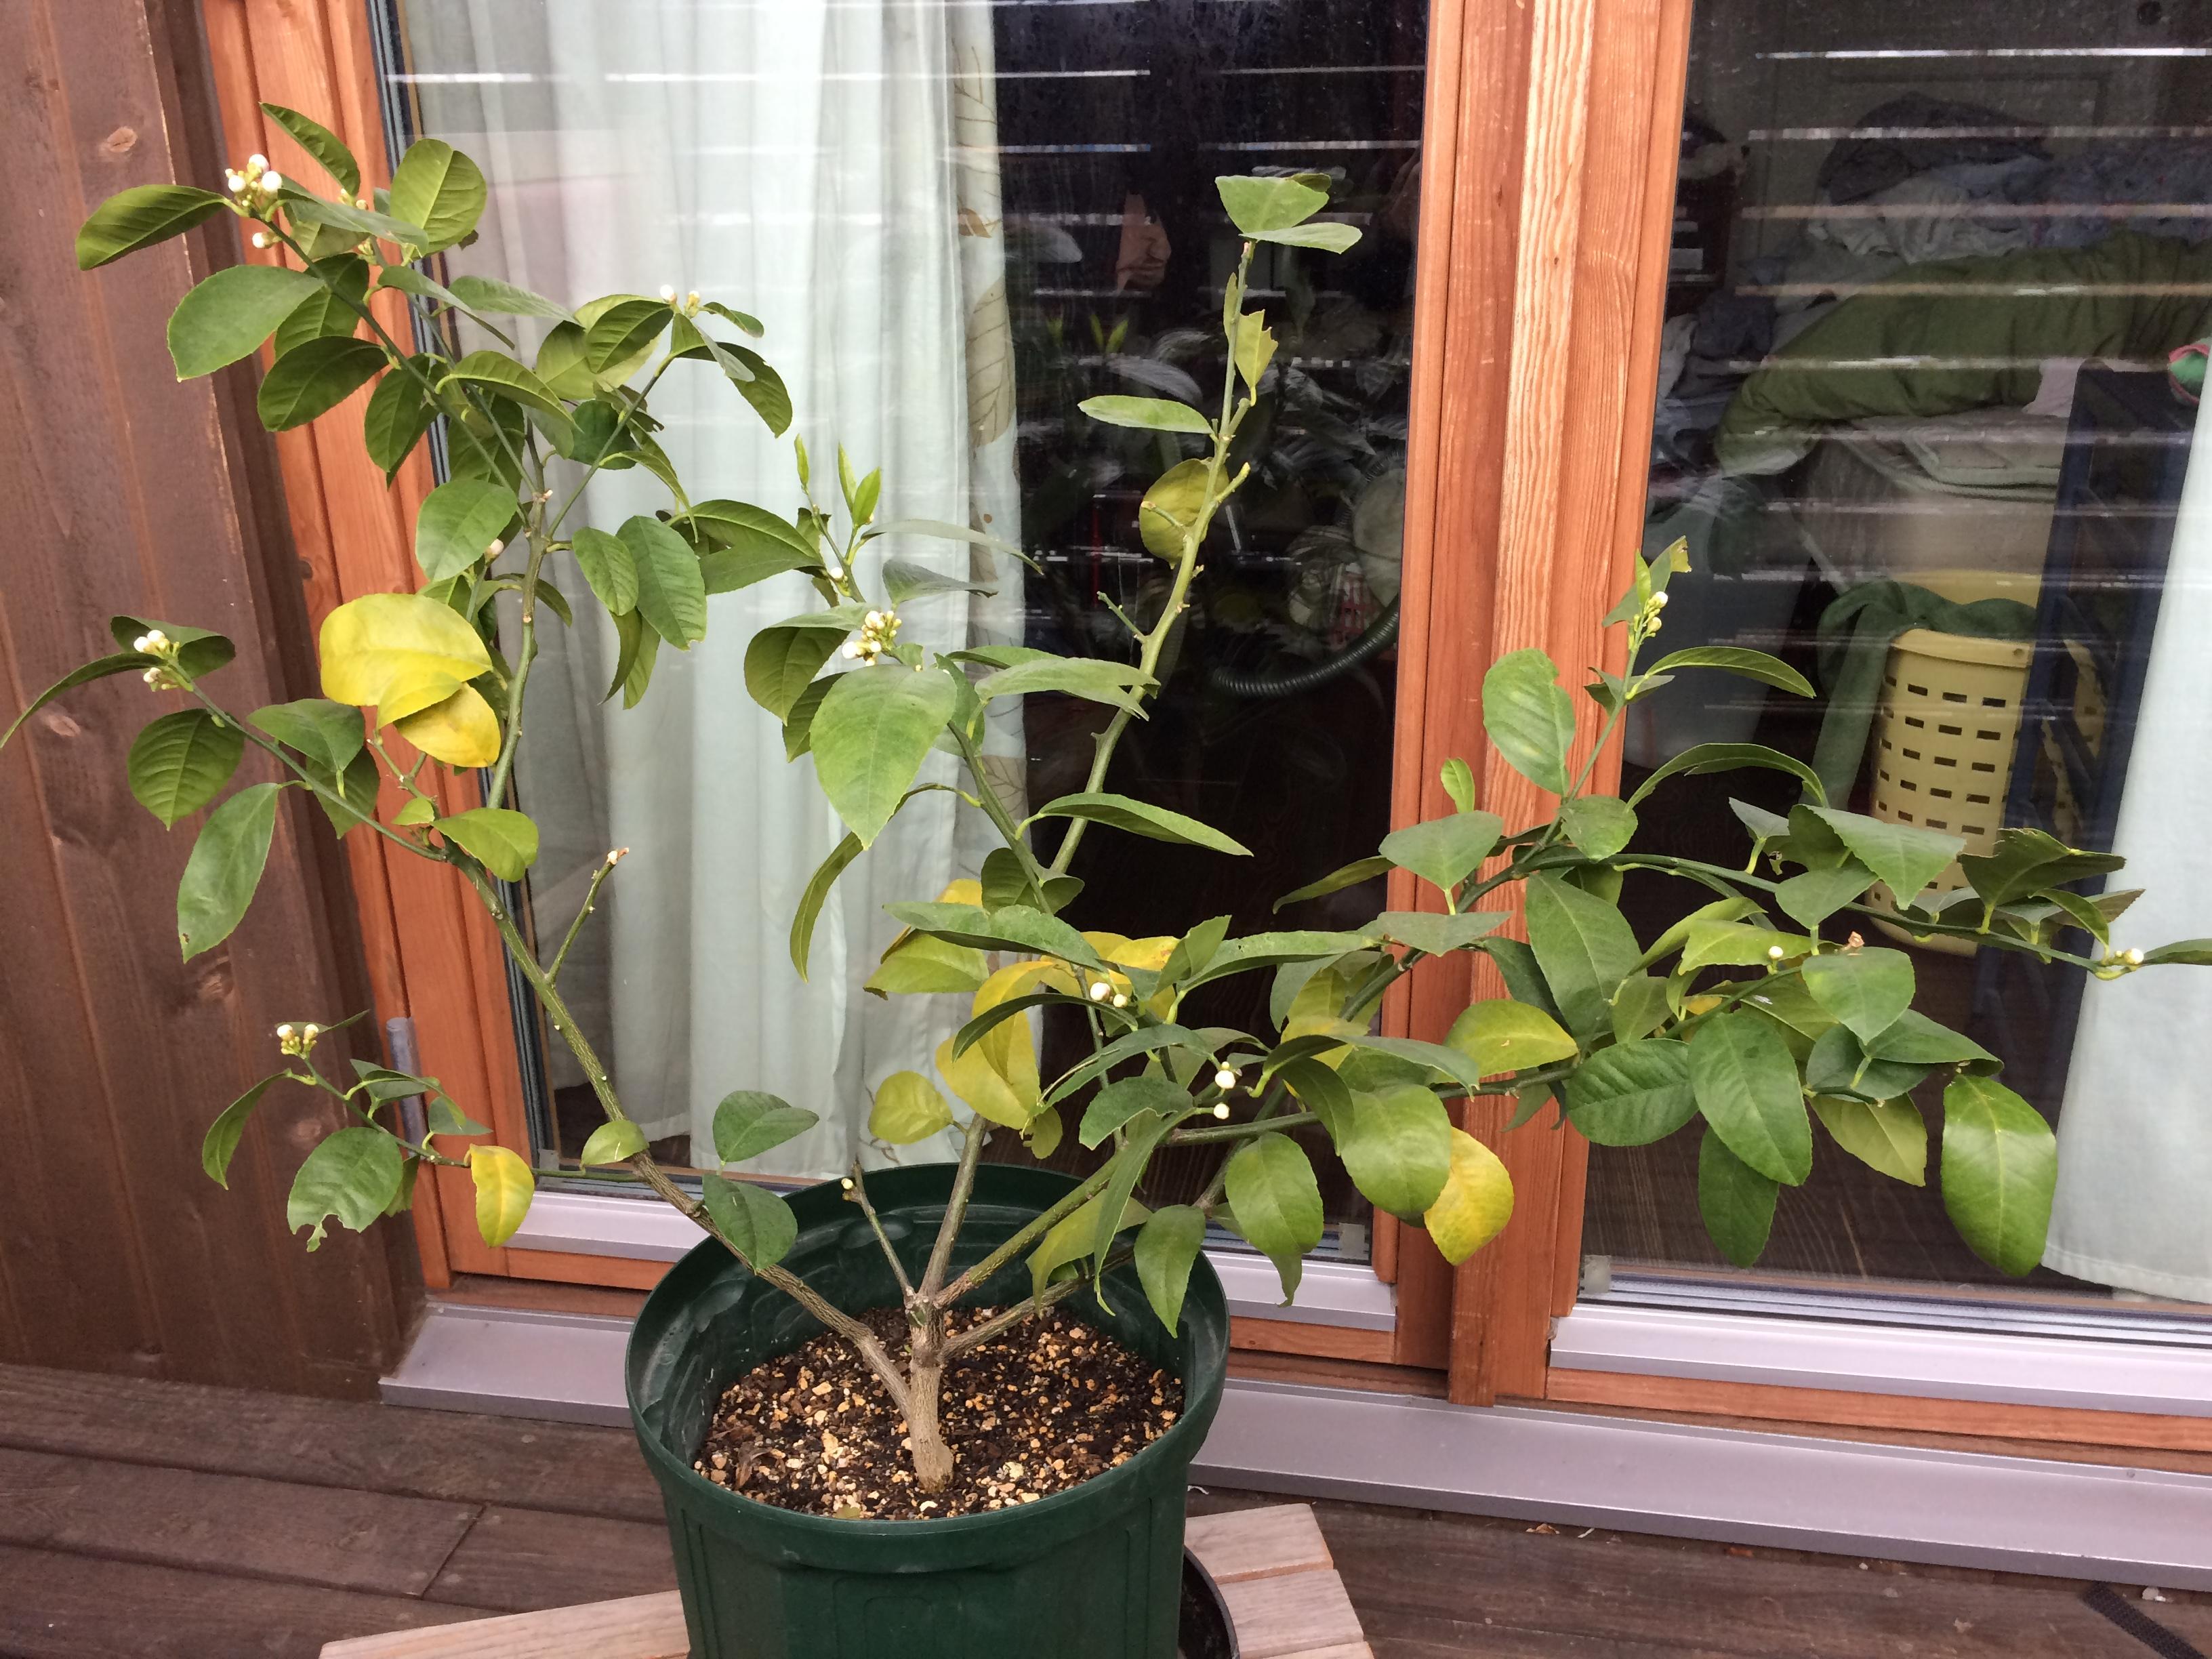 3月に咲くレモンの花は咲かせても良いですか?